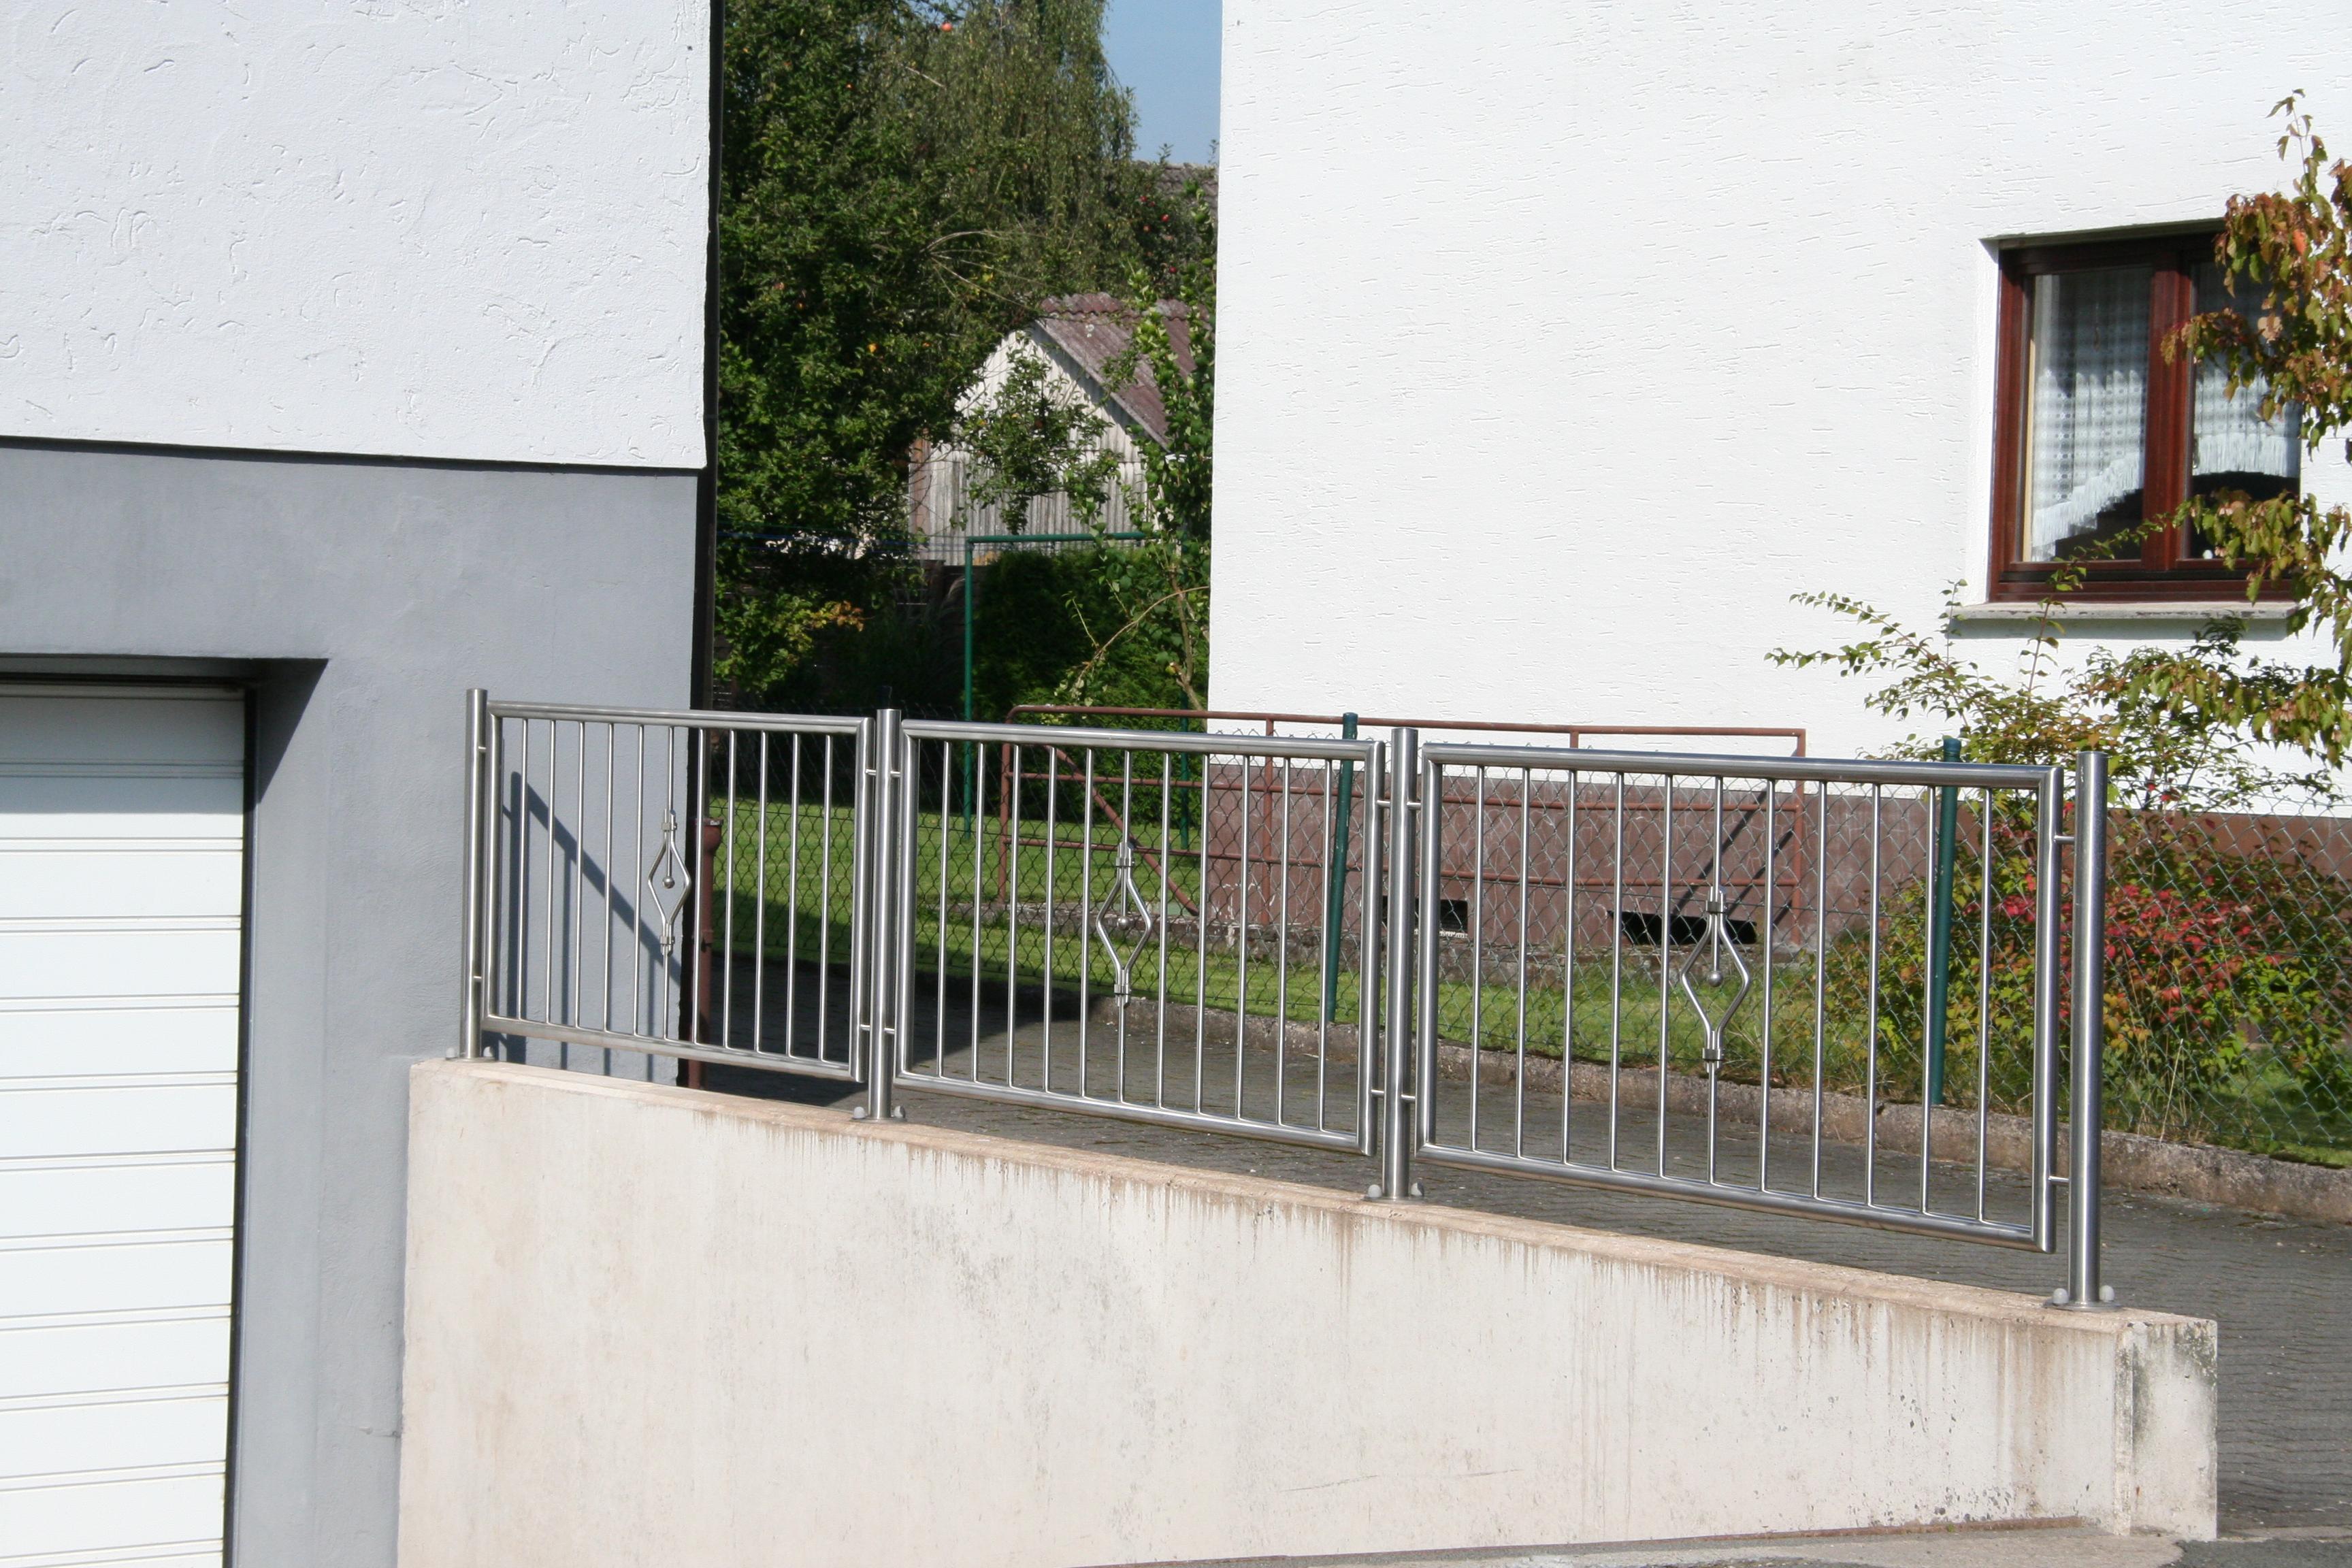 Zaun »0019« von Metallbau Becker & Vogt